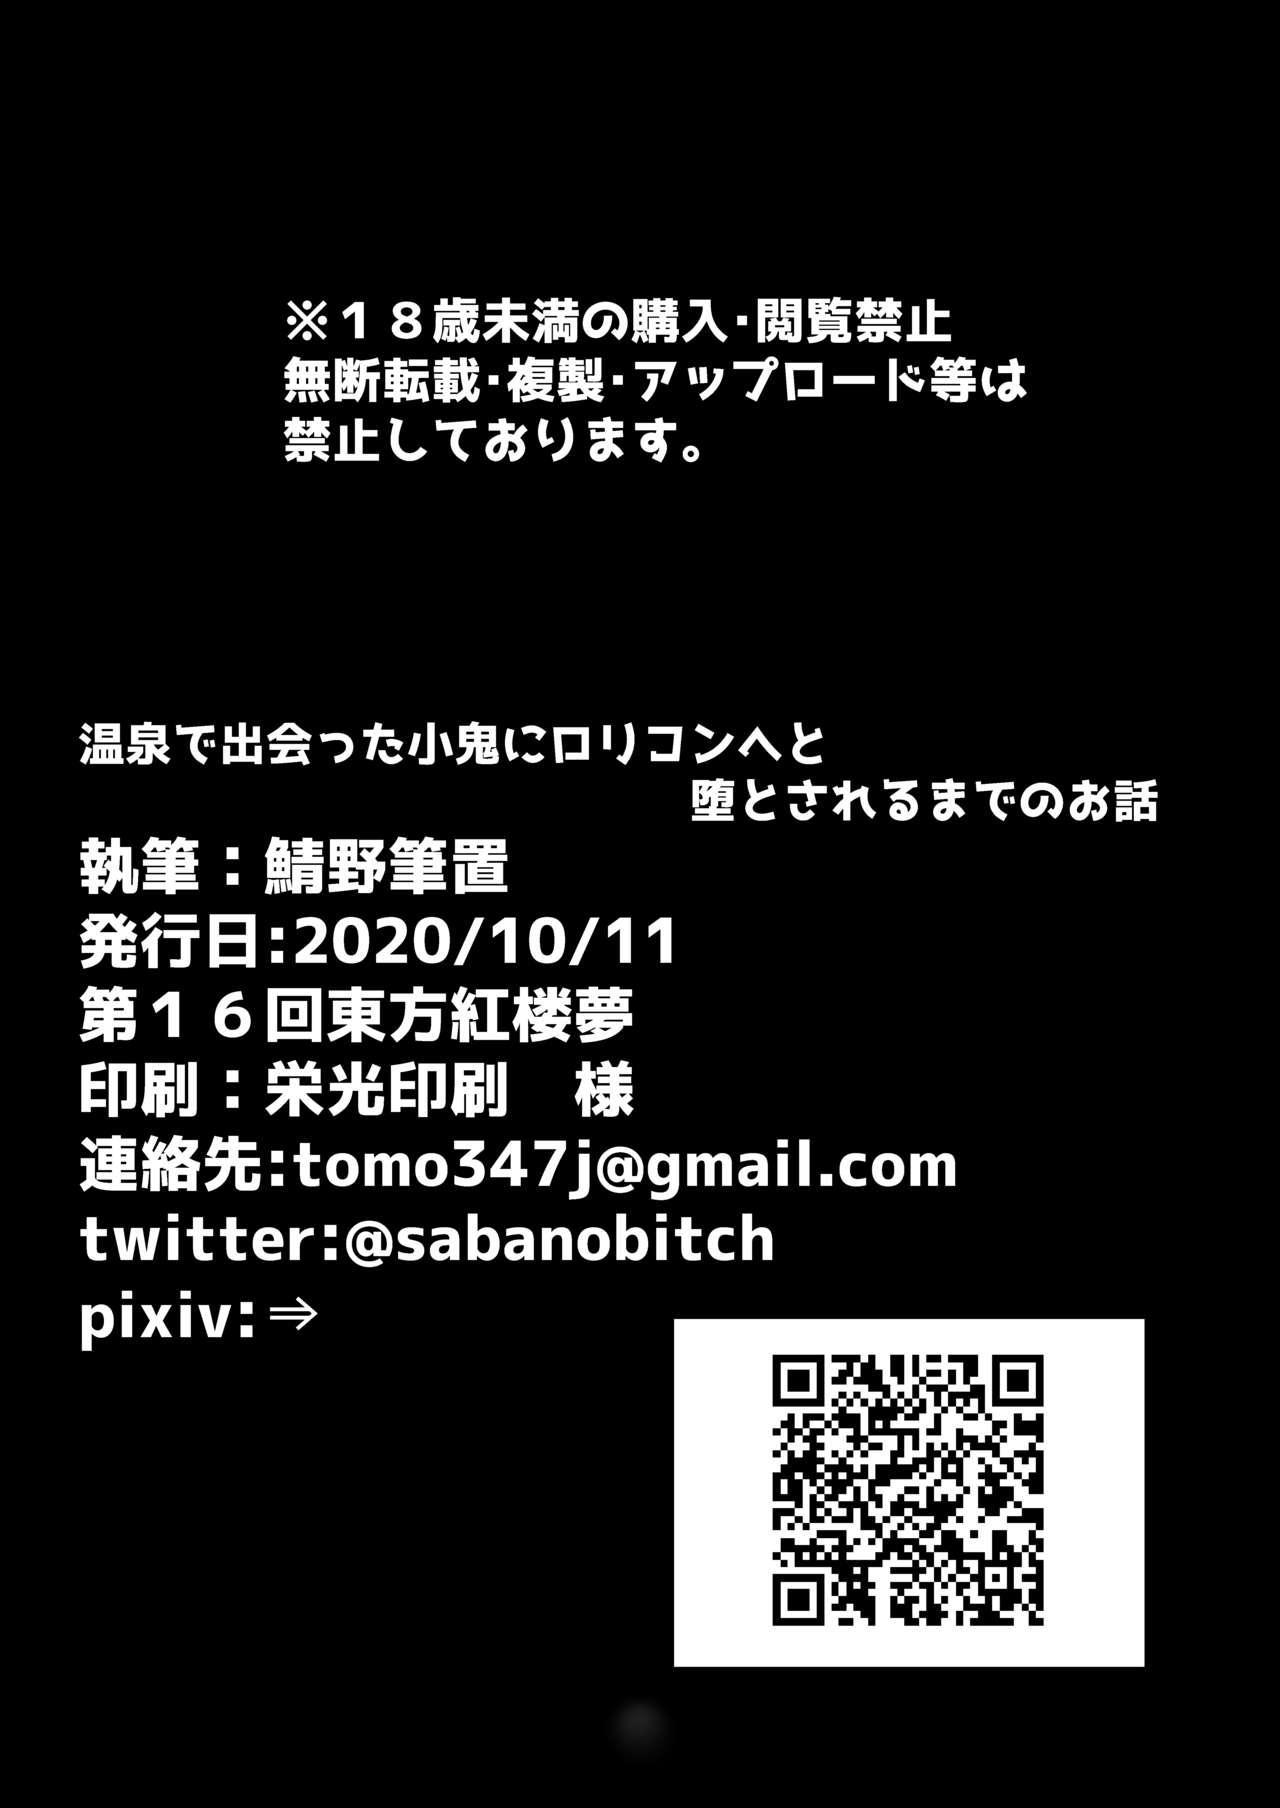 Onsen de Deatta Kooni ni Lolicon e to Oto Sareru made no Ohanashi 20